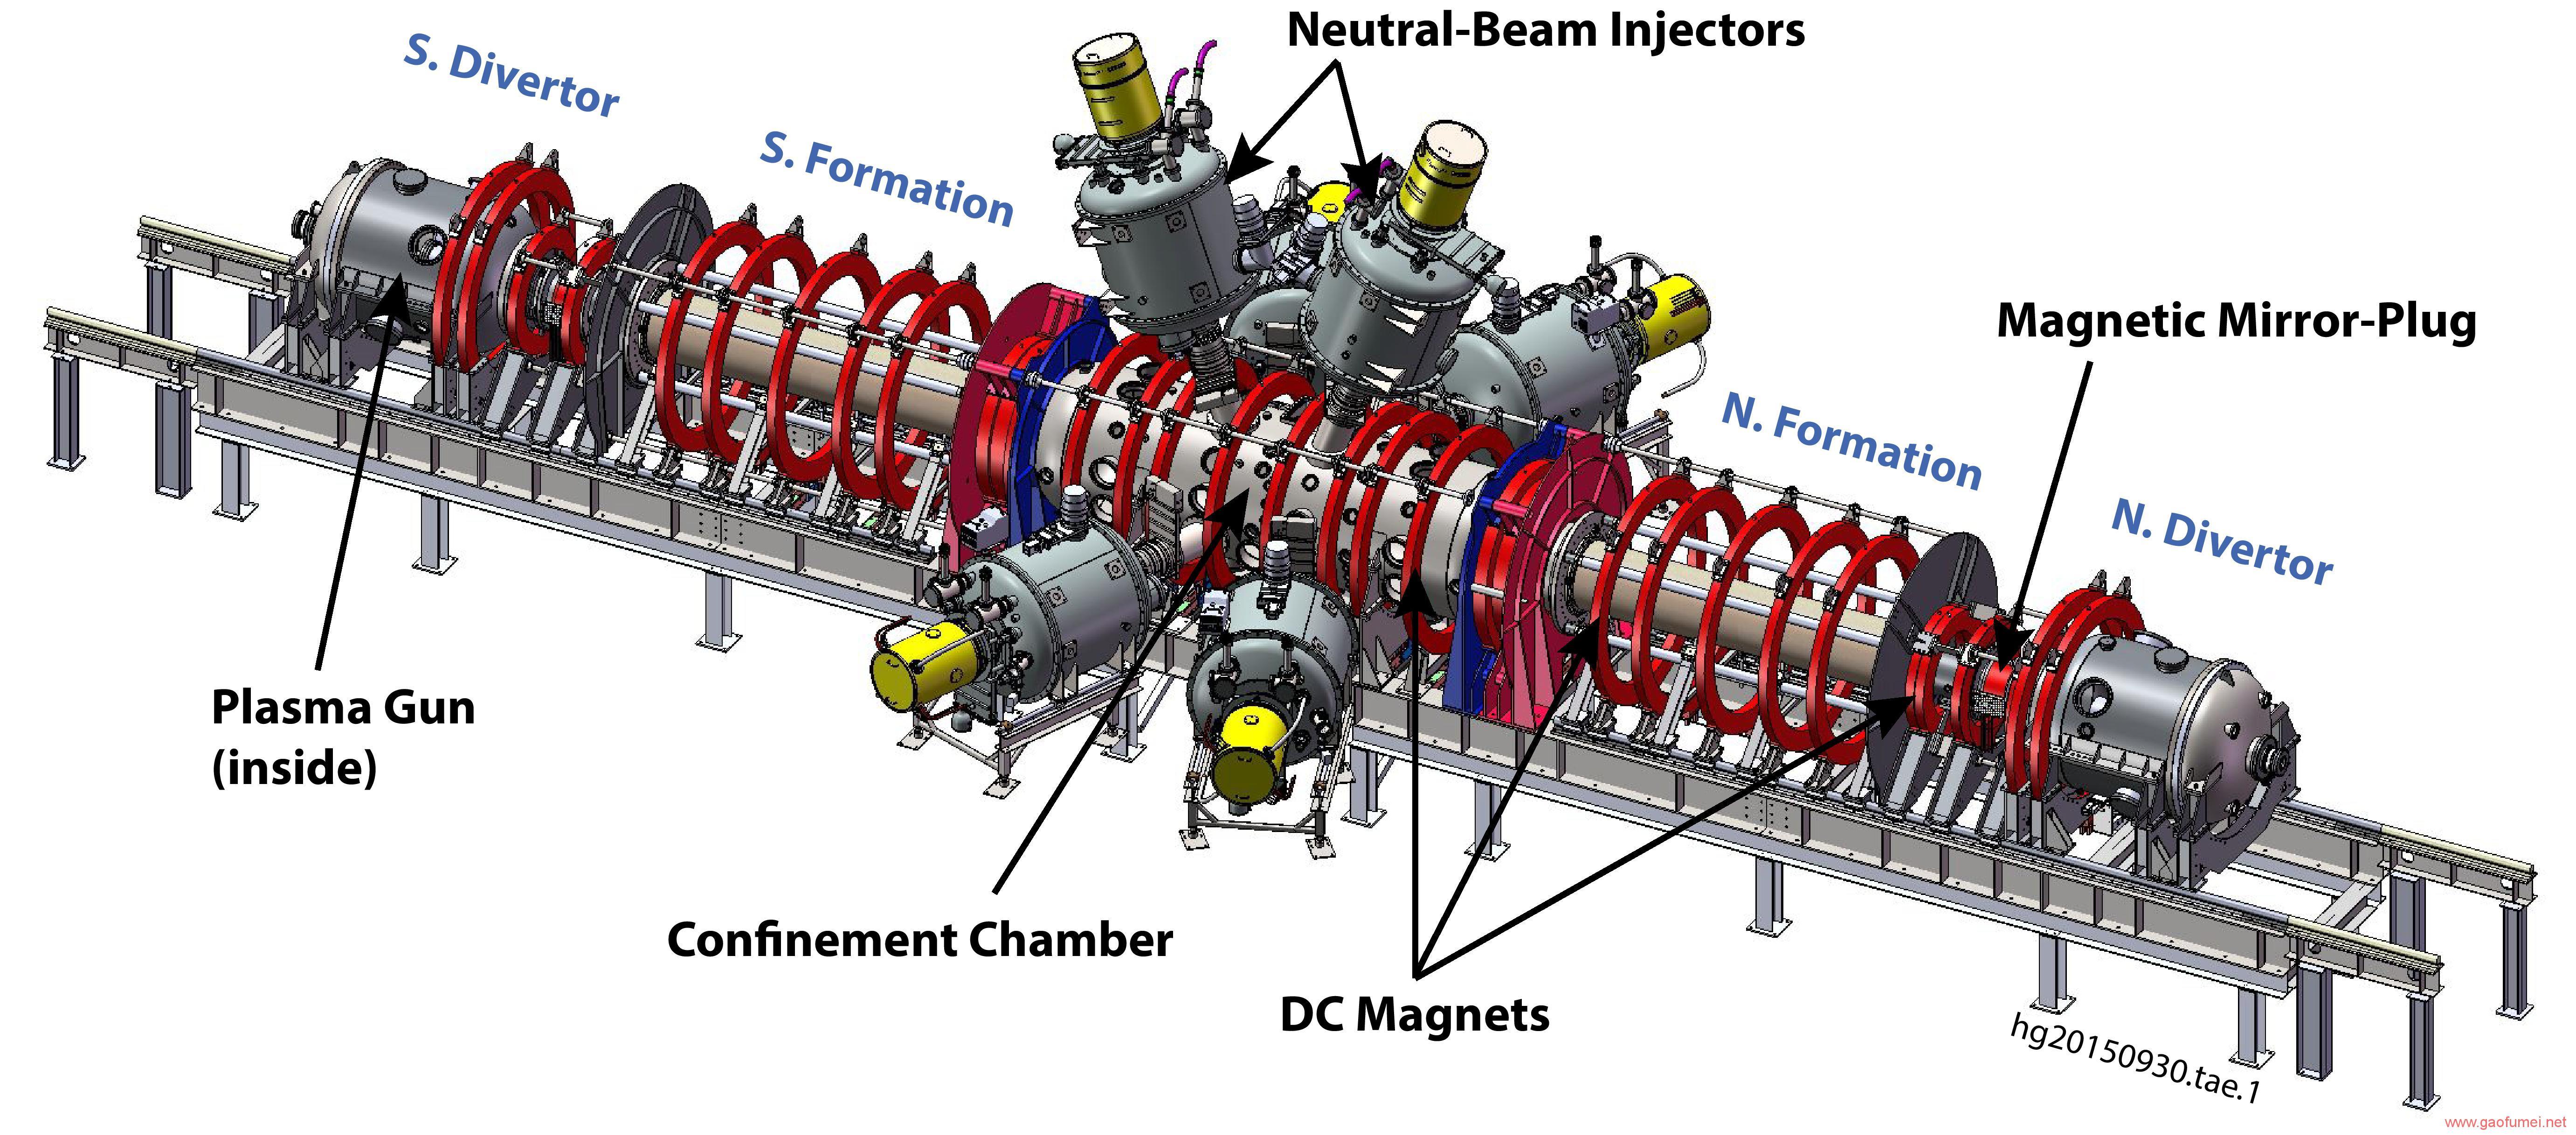 核聚变发电研究迎来突破人机结合算法解决难题 核能 第2张-泥人传说